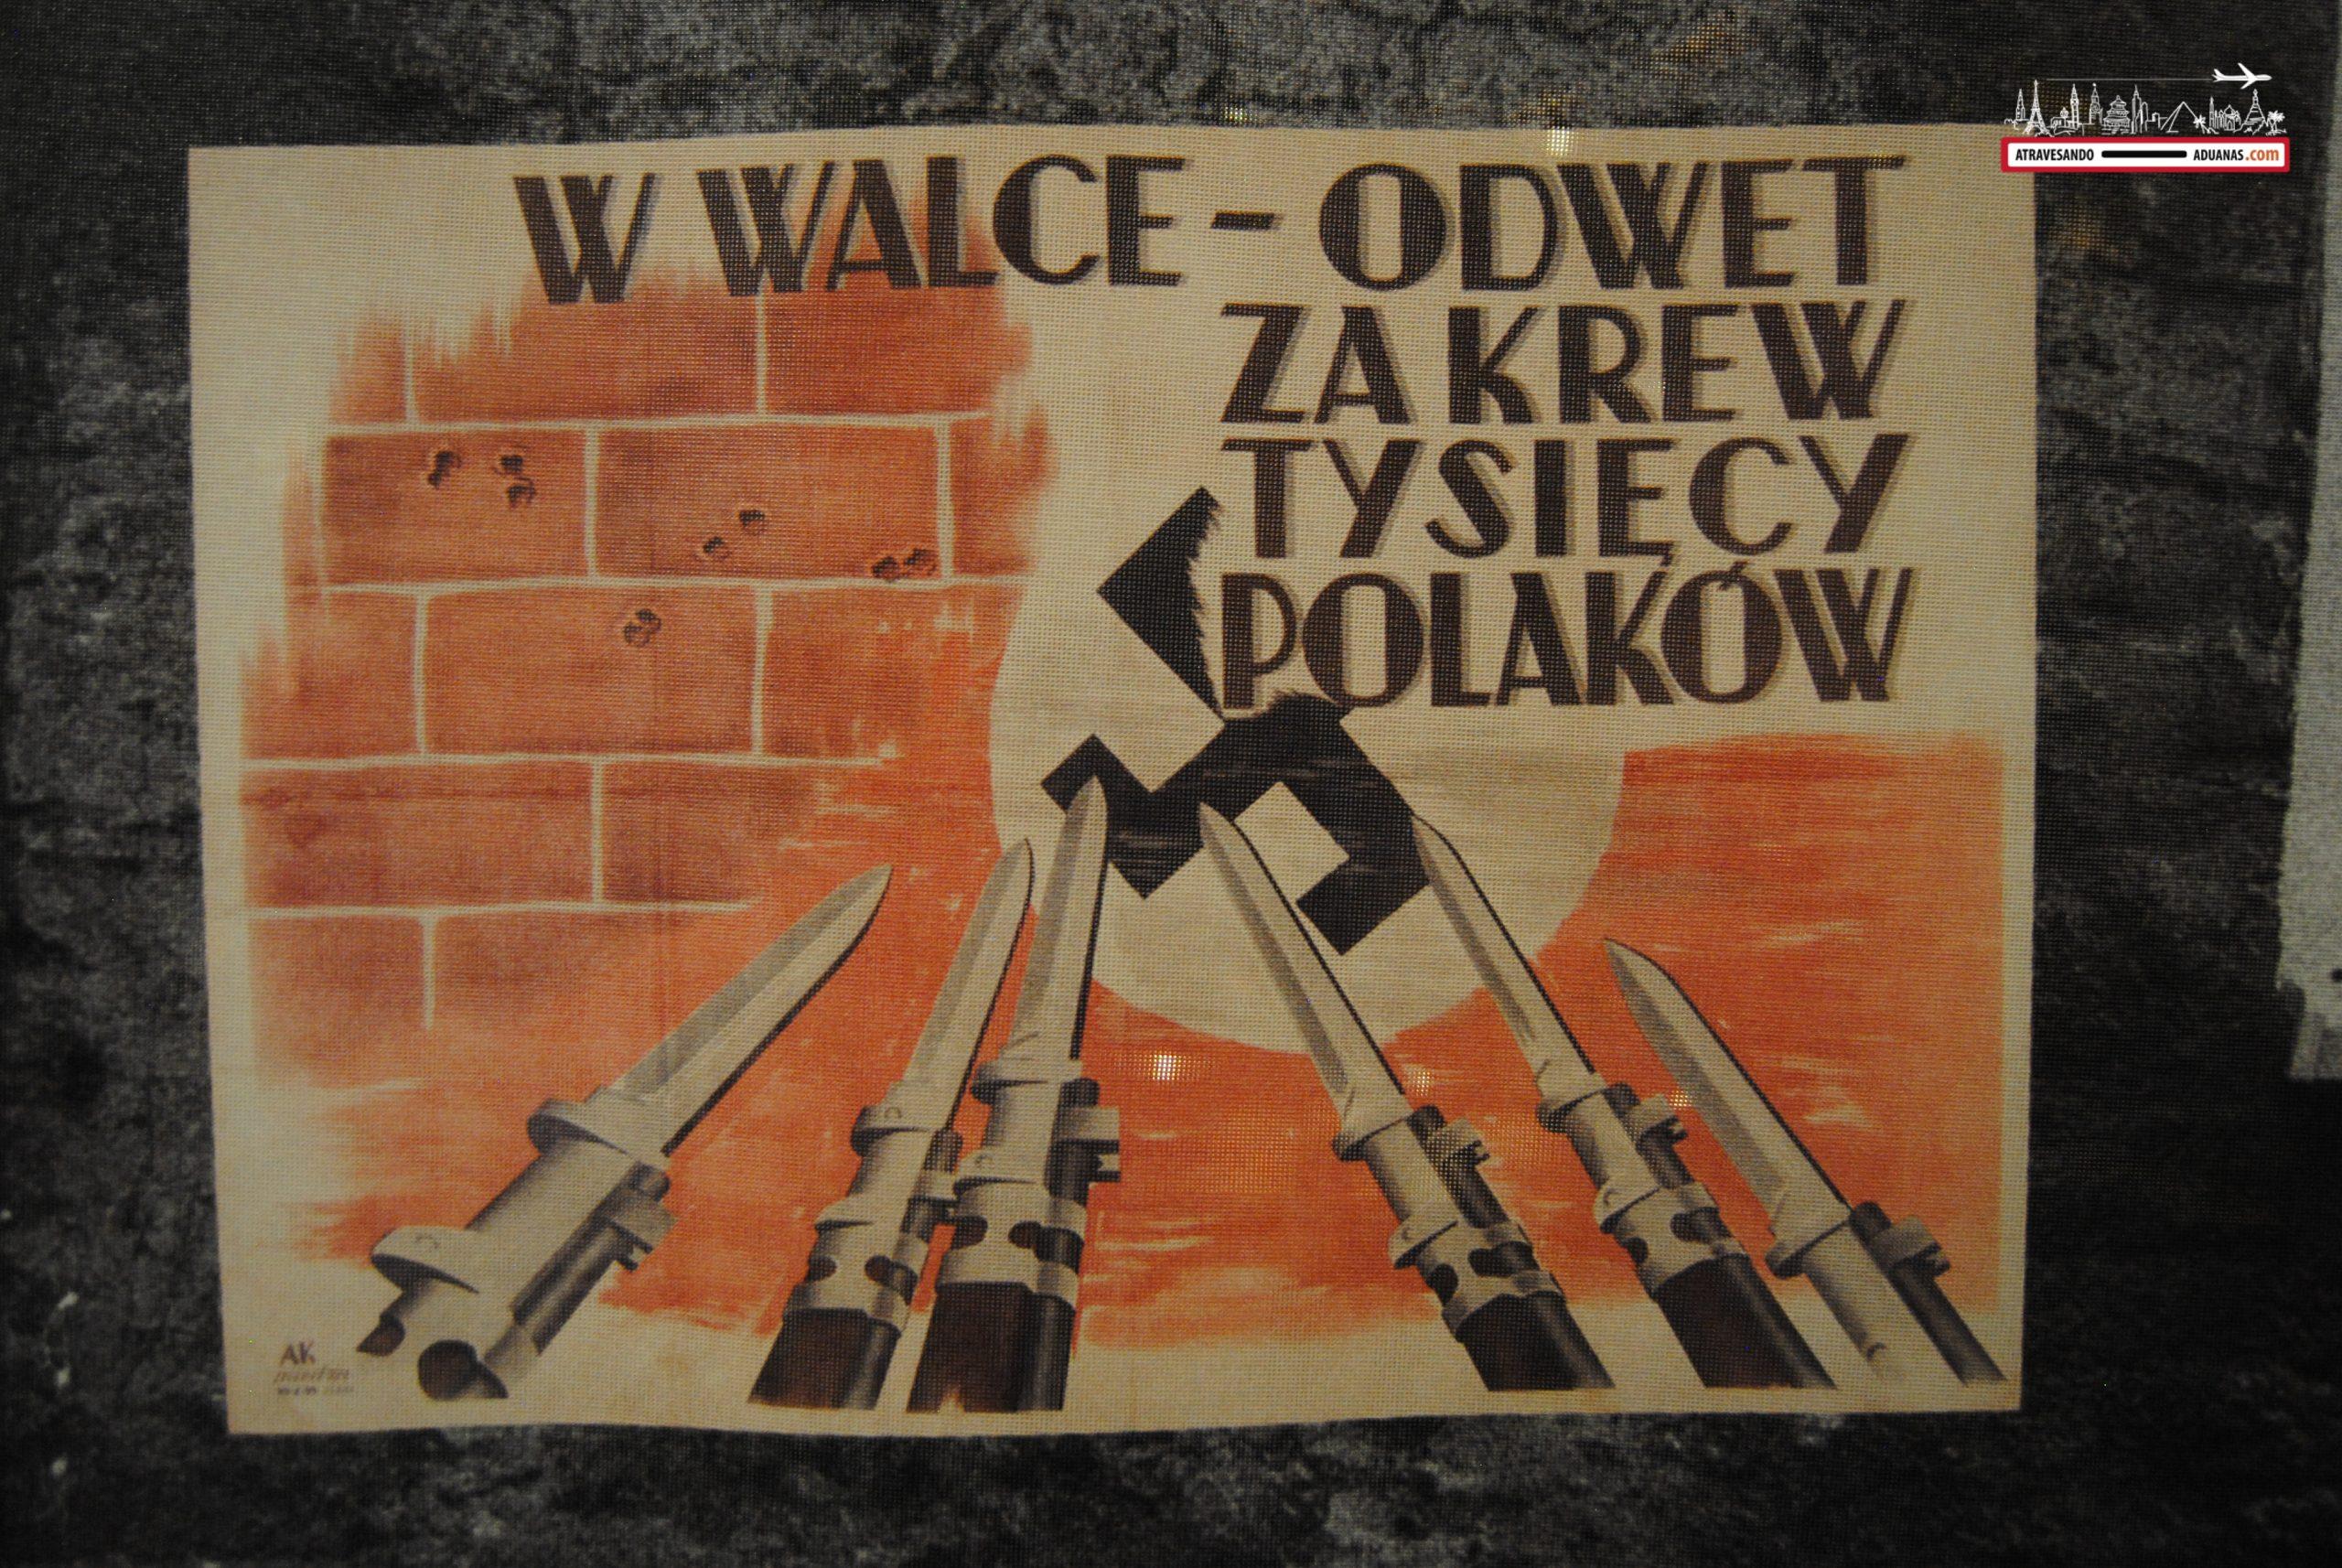 Cartel propagandístico polaco en contra de los alemanes